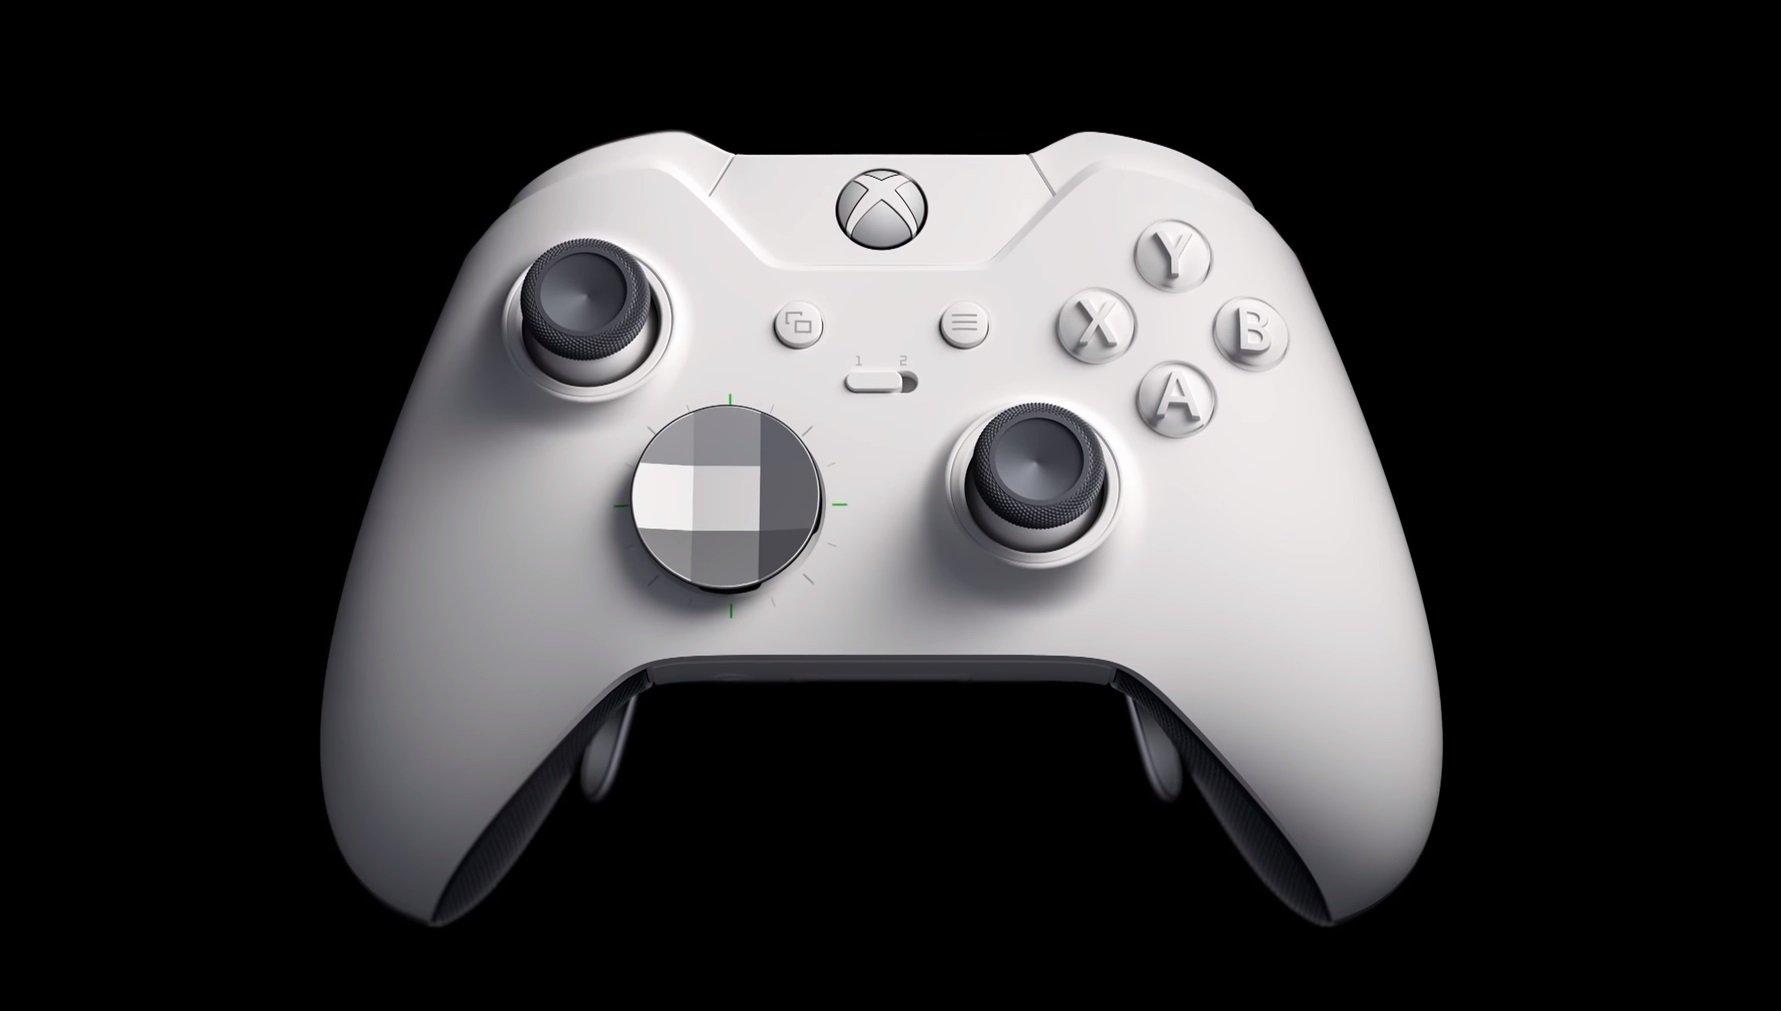 Microsoft dévoile Robot White édition limitée Xbox One X X